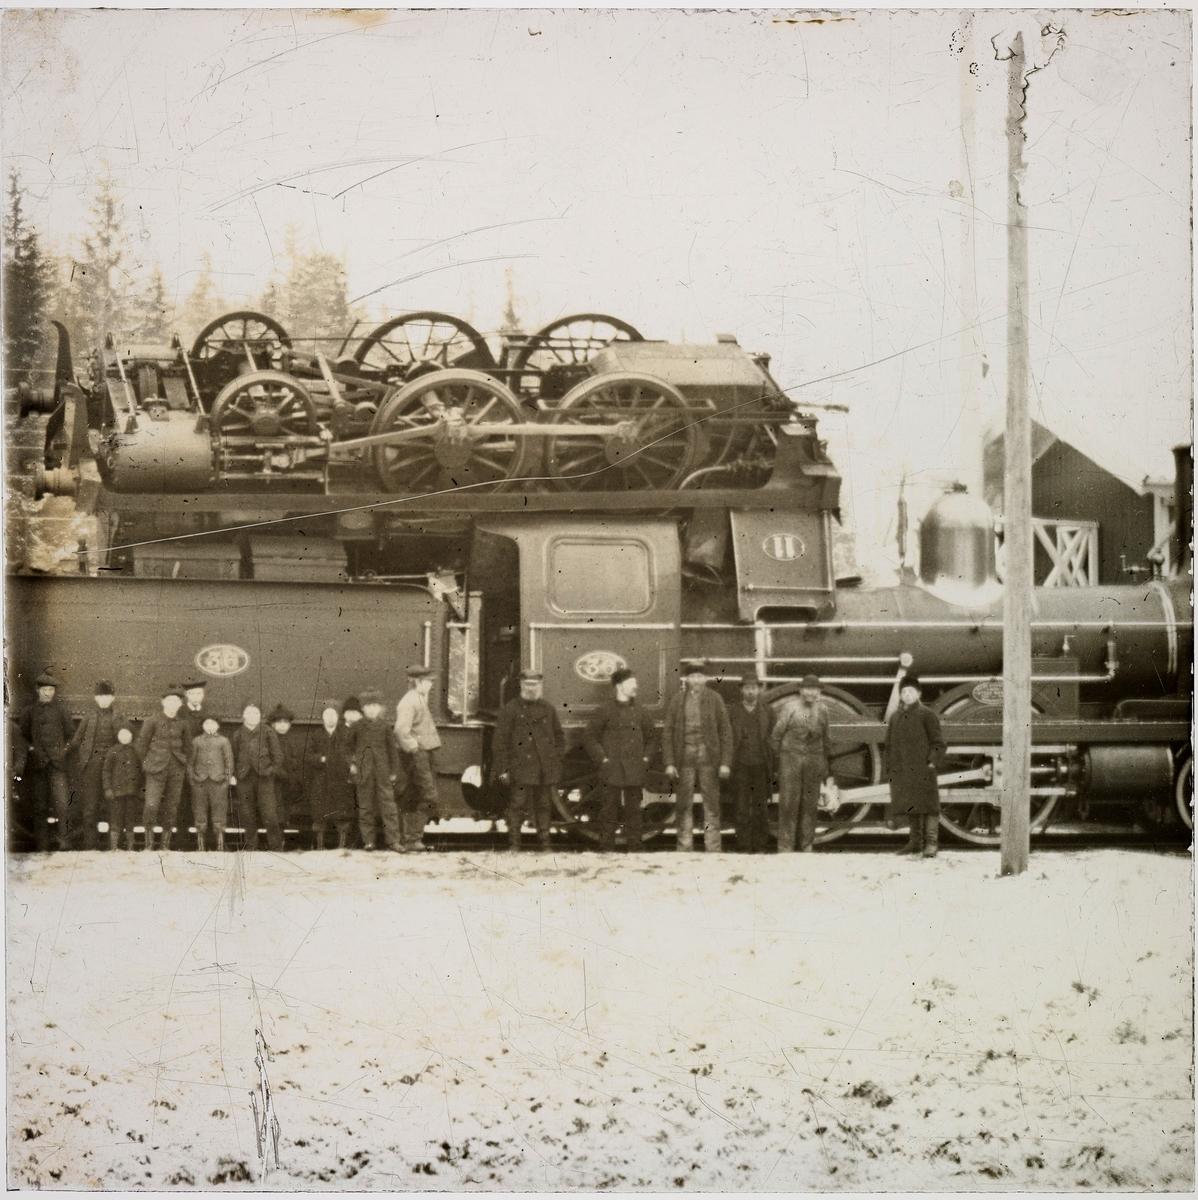 Hovedbanens damplokomotiv nr. 11 på ligger oppå lokomotiv nr. 36 etter kjeleksplosjon på Strømmen stasjon